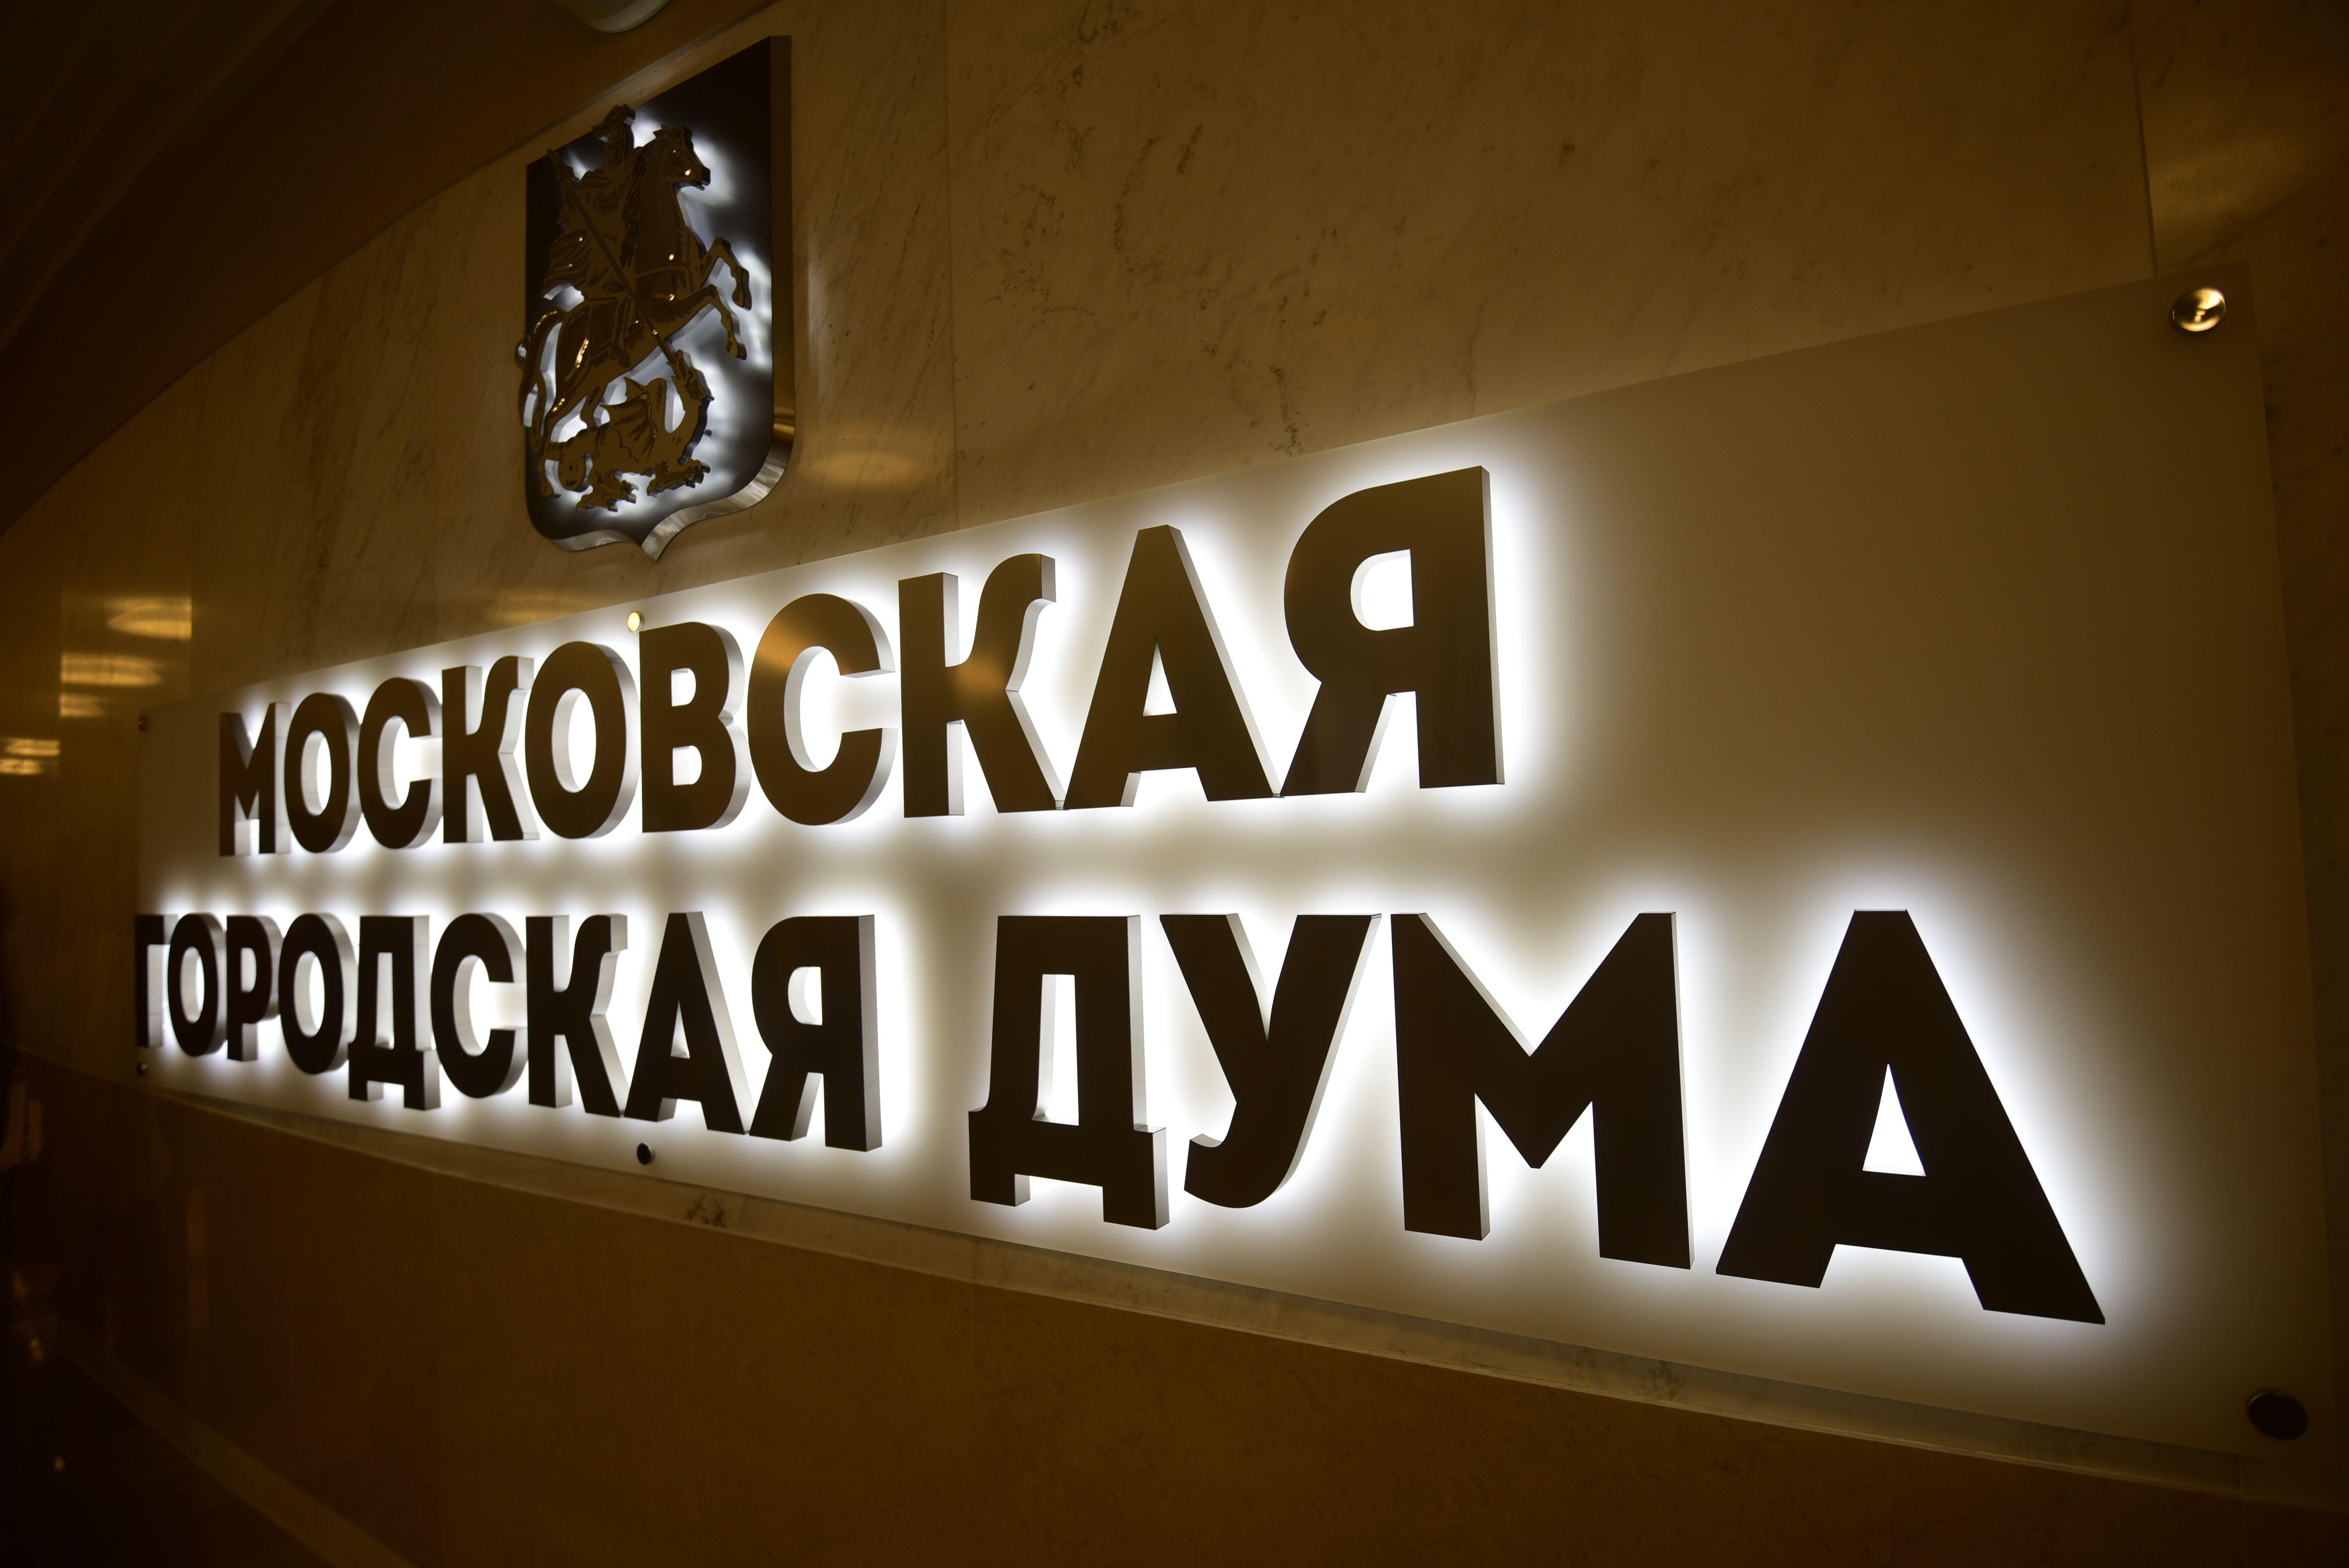 Депутат МГД: Возобновление работы строительных и промпредприятий Москвы поддержит бизнес в регионах. Фото: Антон Гердо, «Вечерняя Москва»